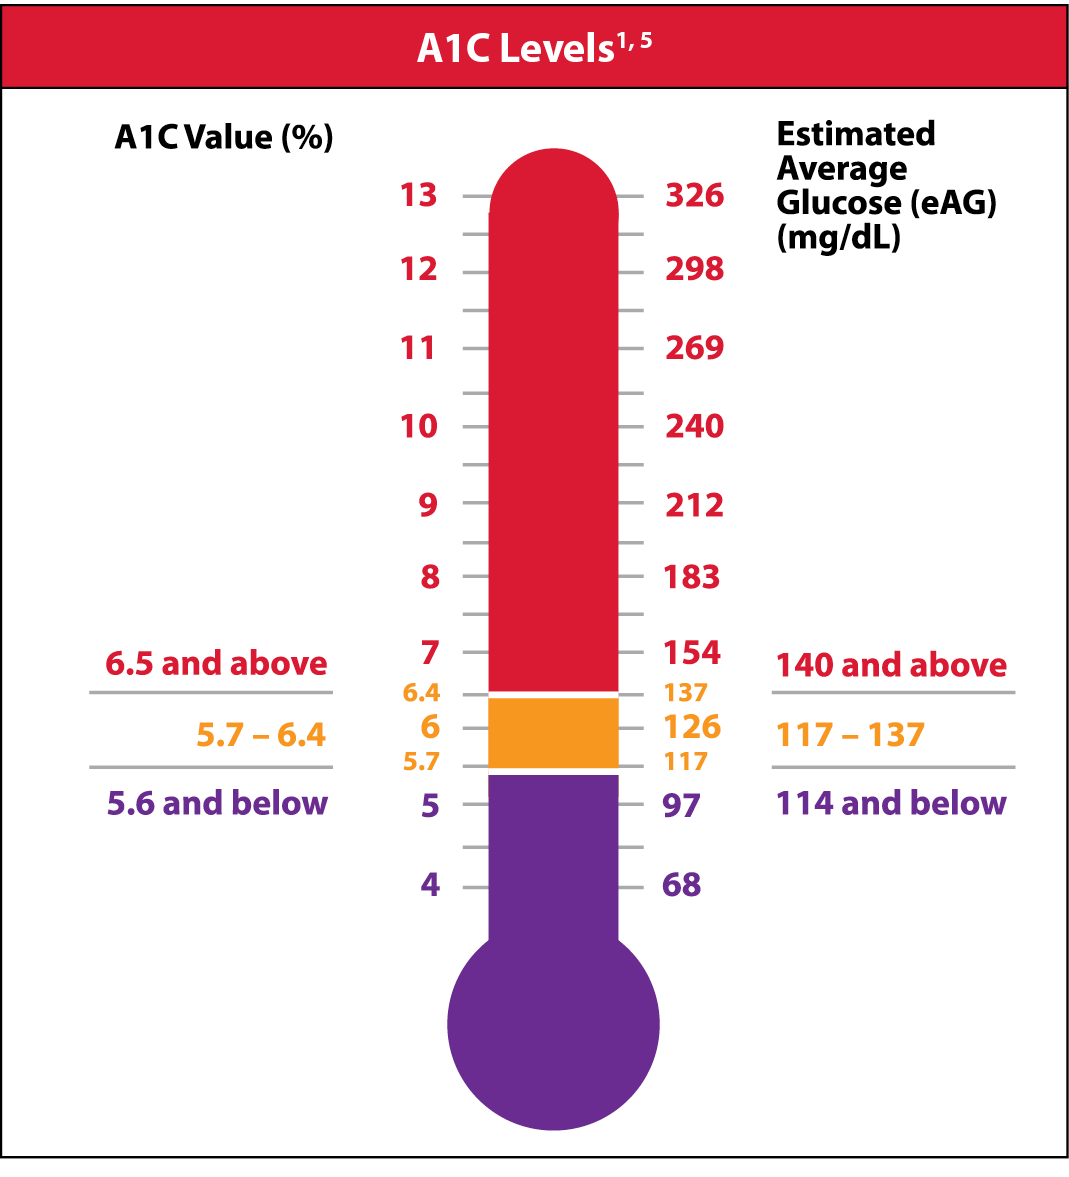 A1C Levels